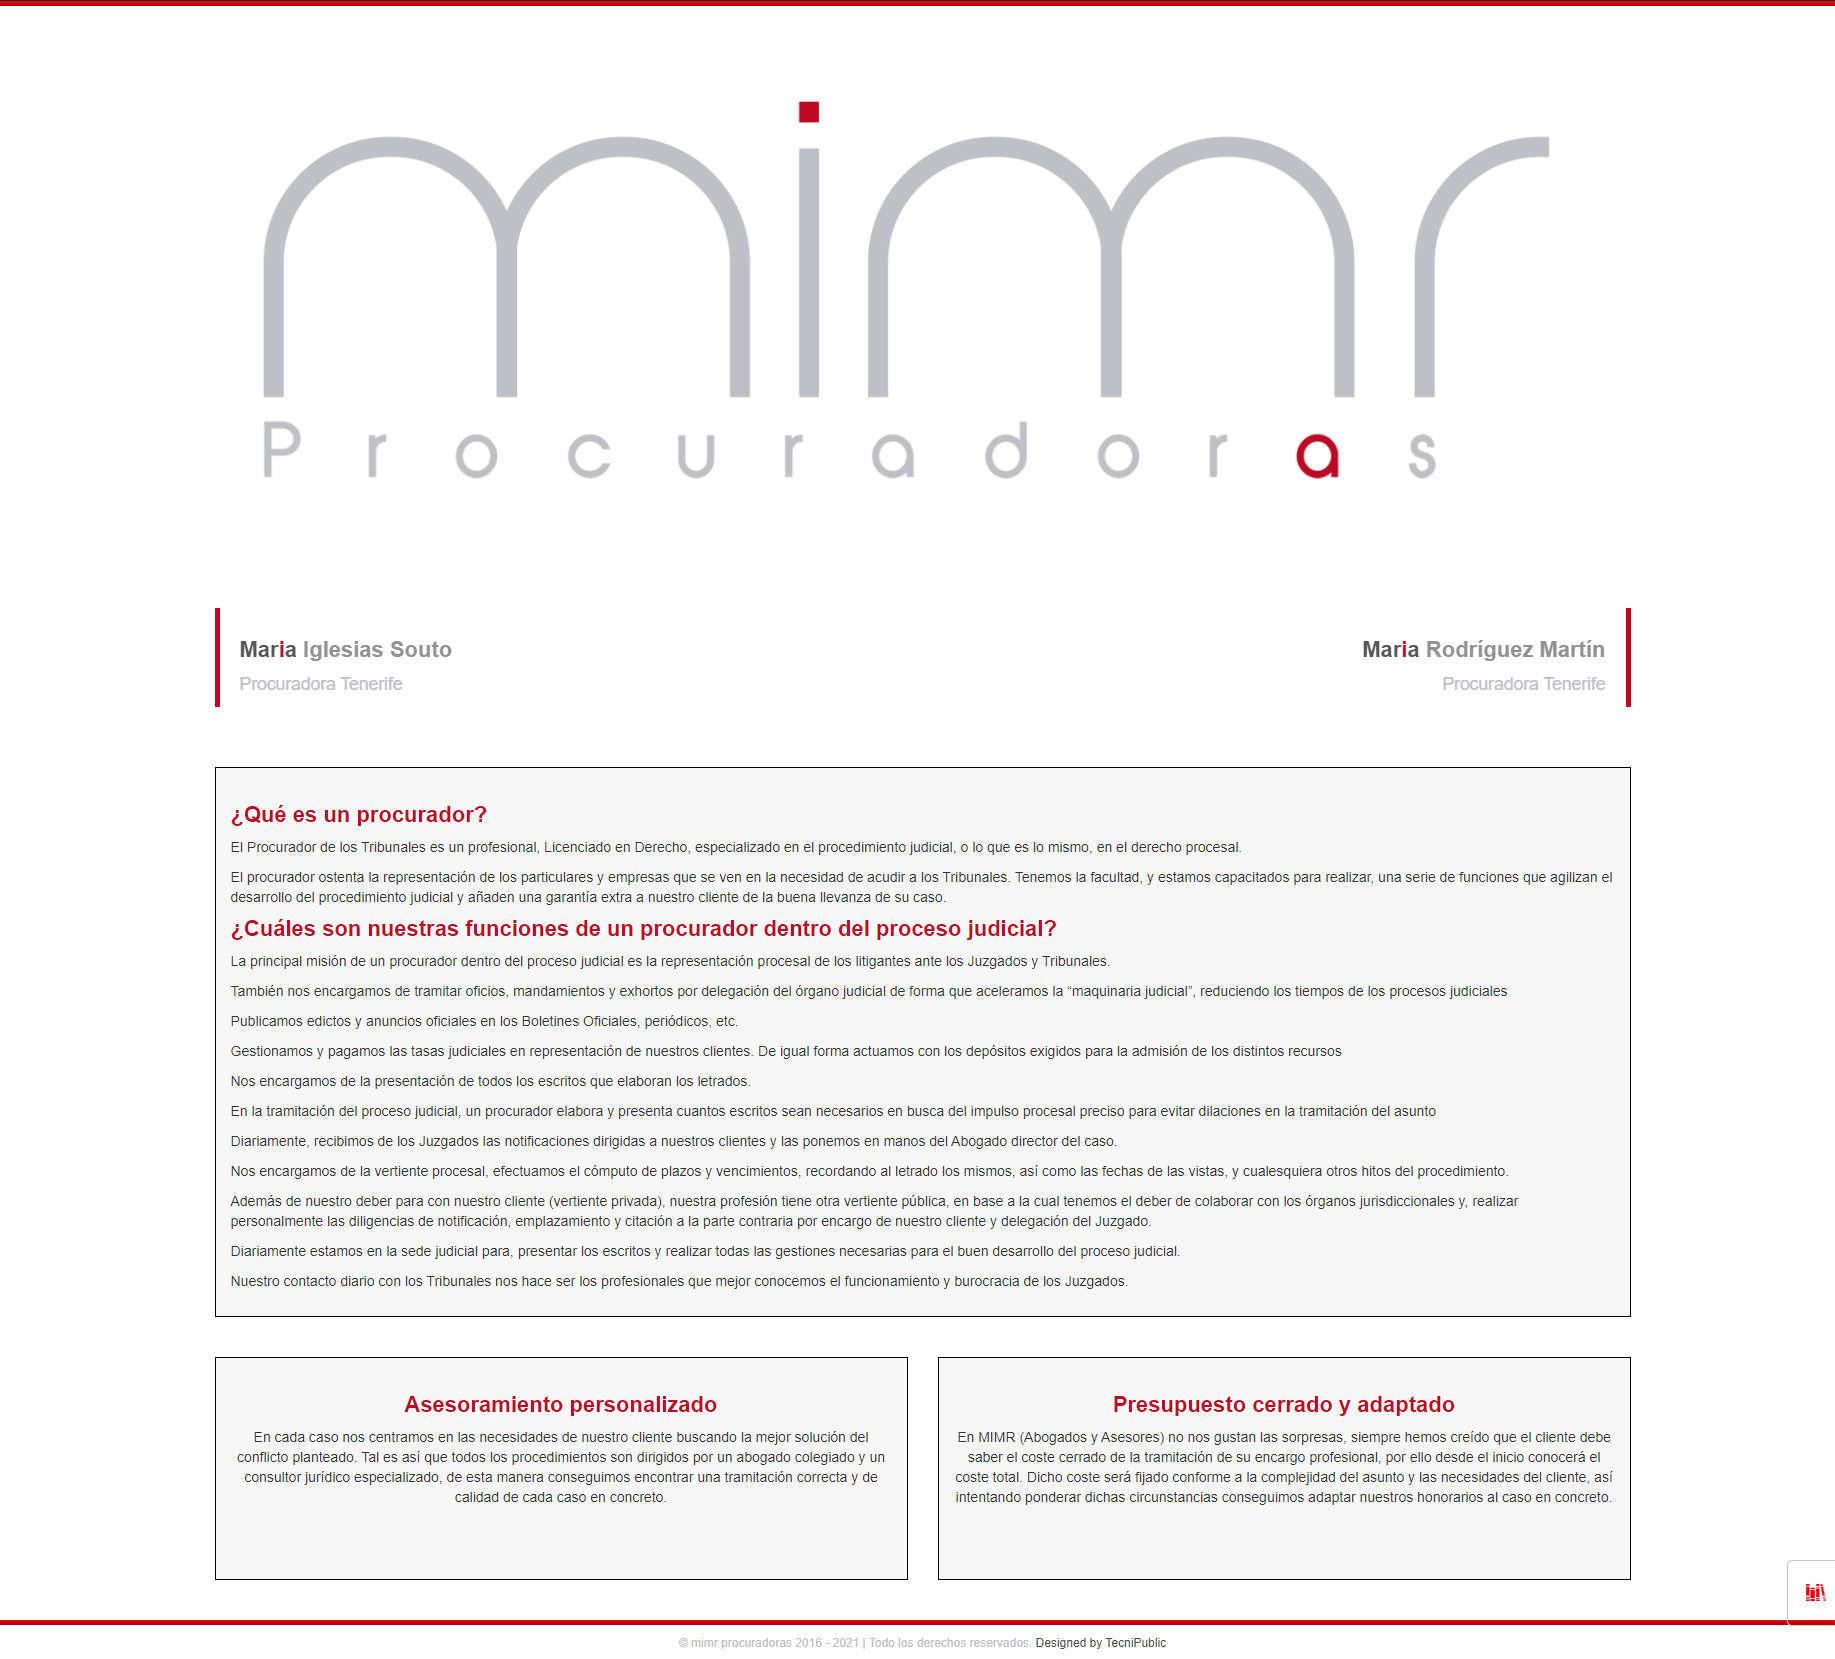 MIMR - Descripción